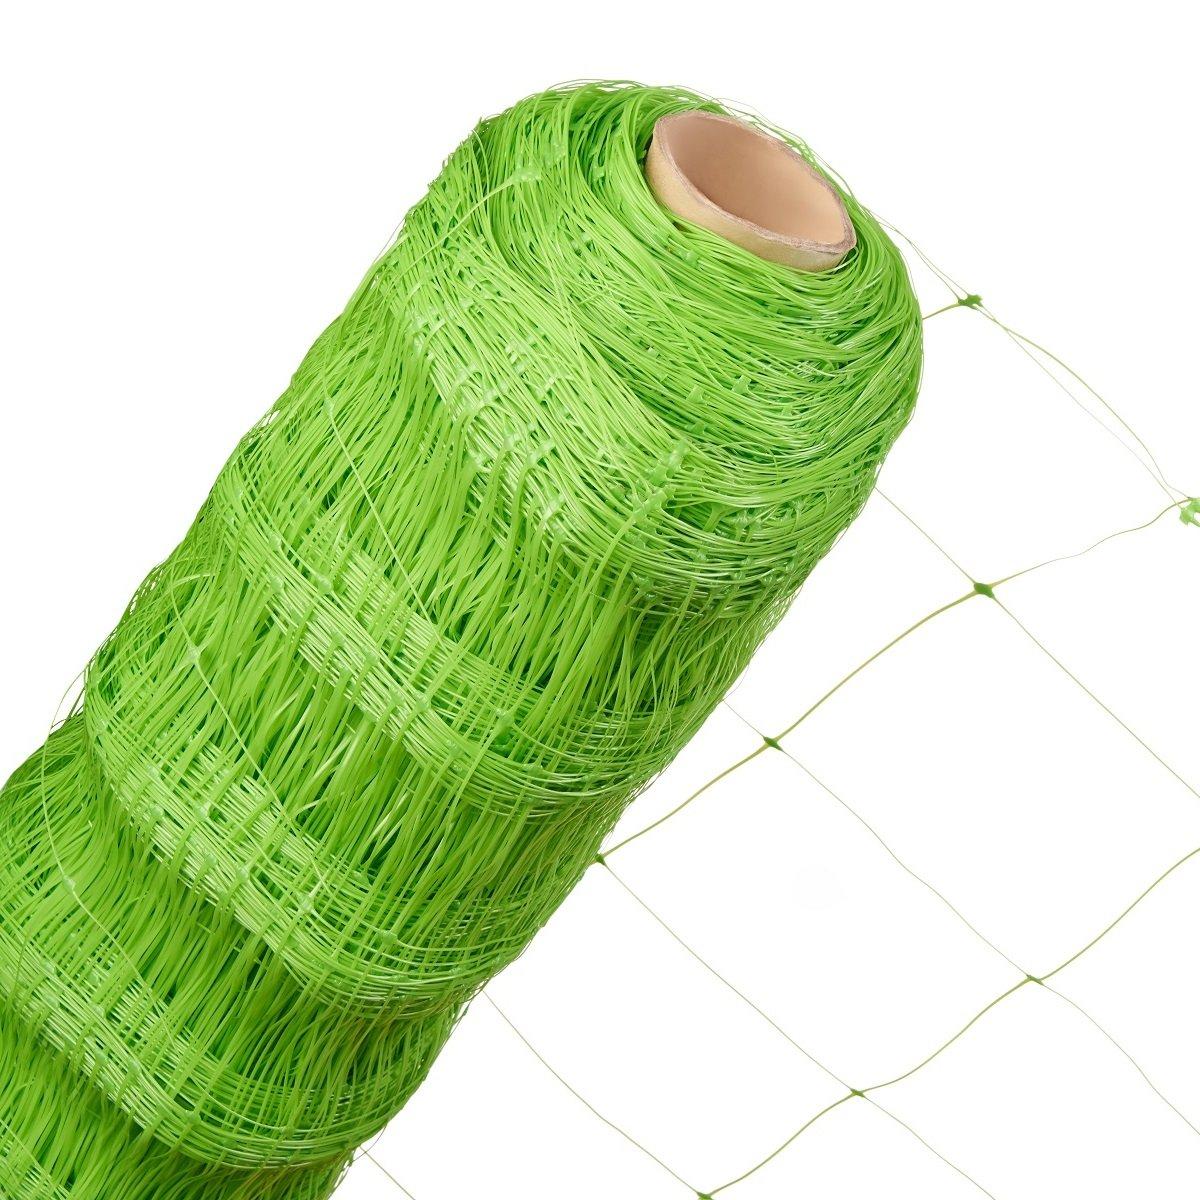 HaGa® Ranknetz 1, 7m x 20m Masche 140mm Rankhilfe Kletterpflanzen Gartennetz Netz HaGa® Ranknetz 1 HaGa-Welt